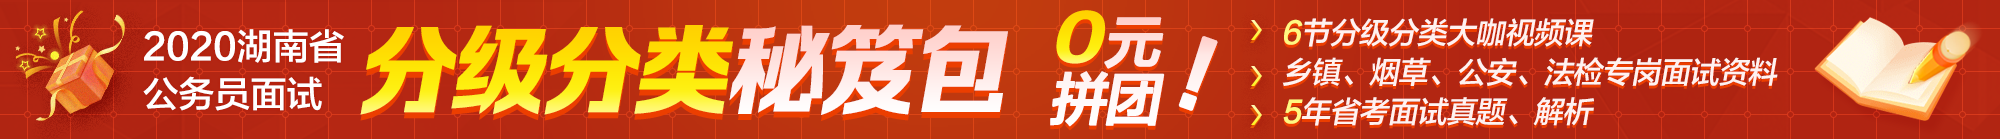 2020年湖南省考公务员面试时间